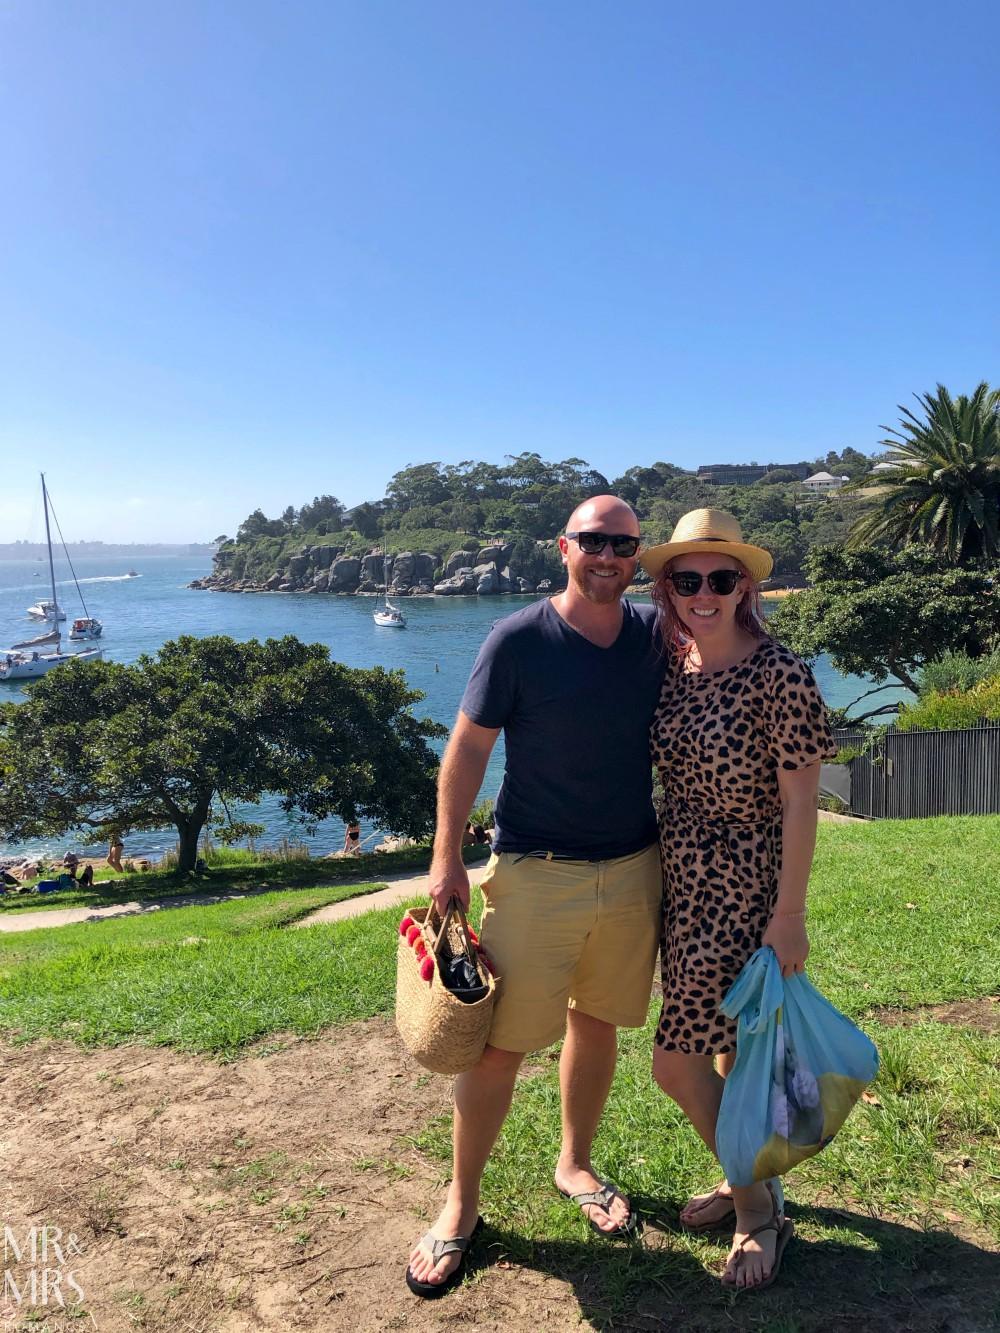 Mr & Mrs Romance - Watsons Bay